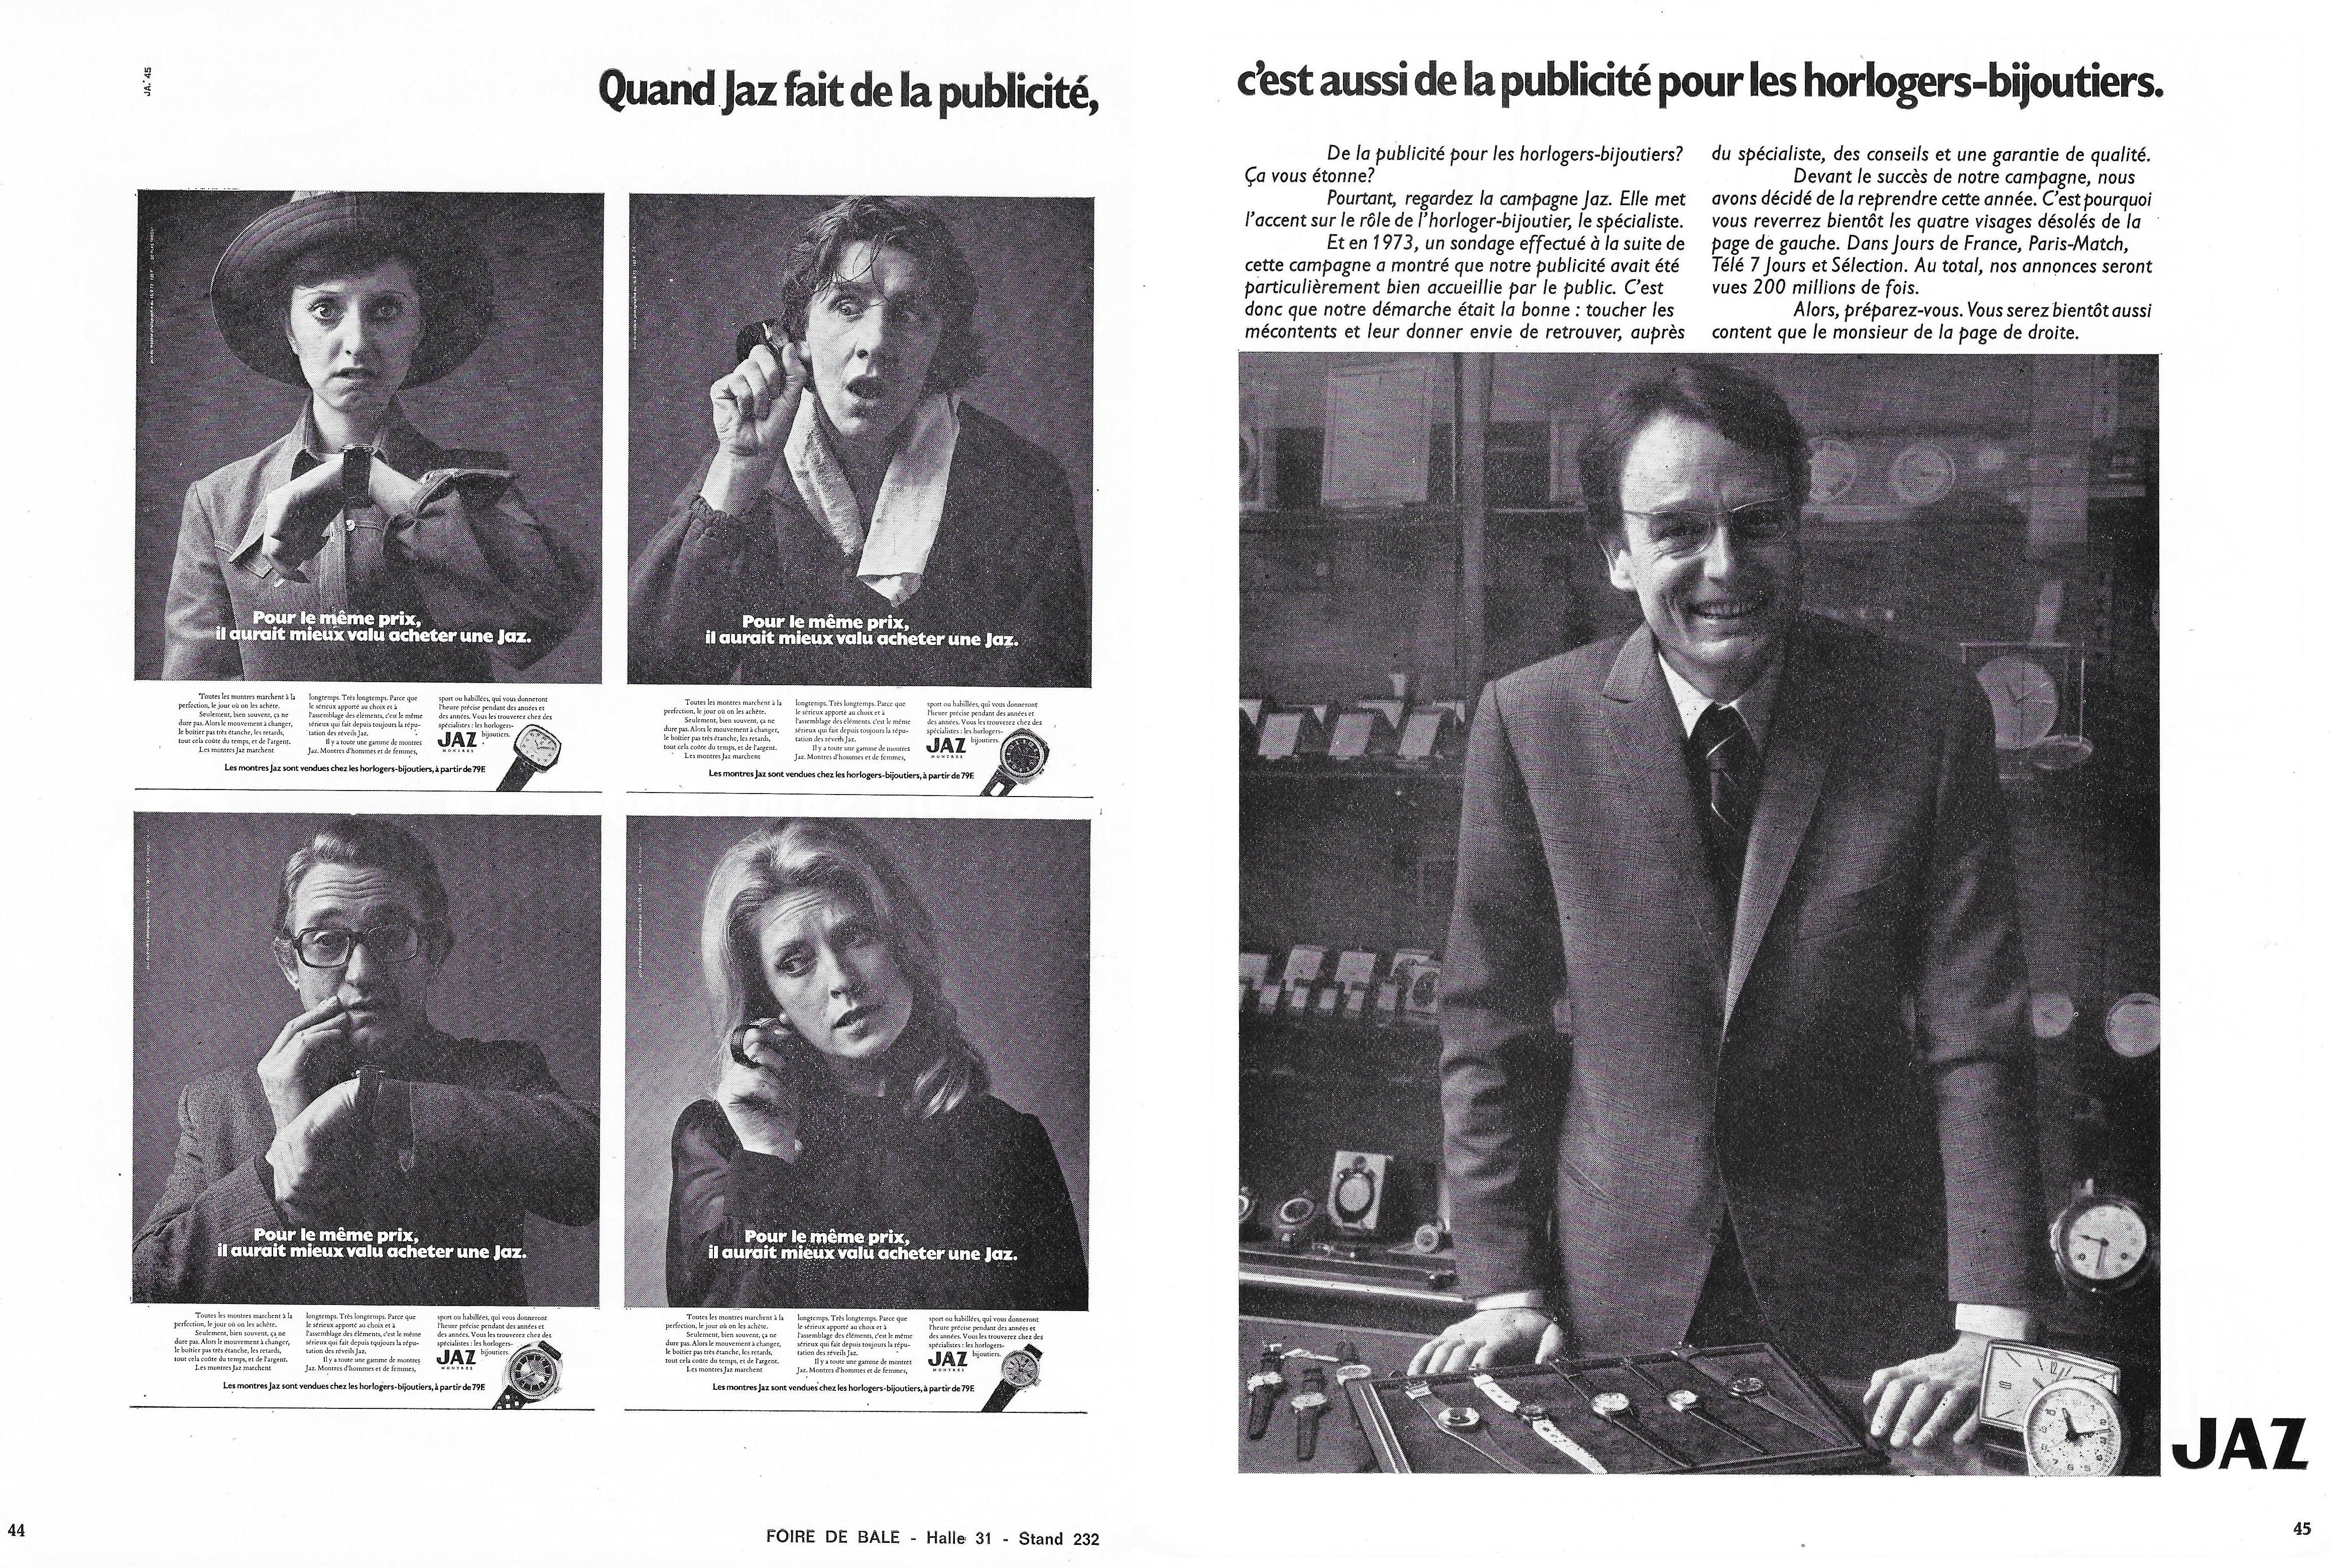 1974 la france horlogère n°341 Mars 1974 page 44 et 45